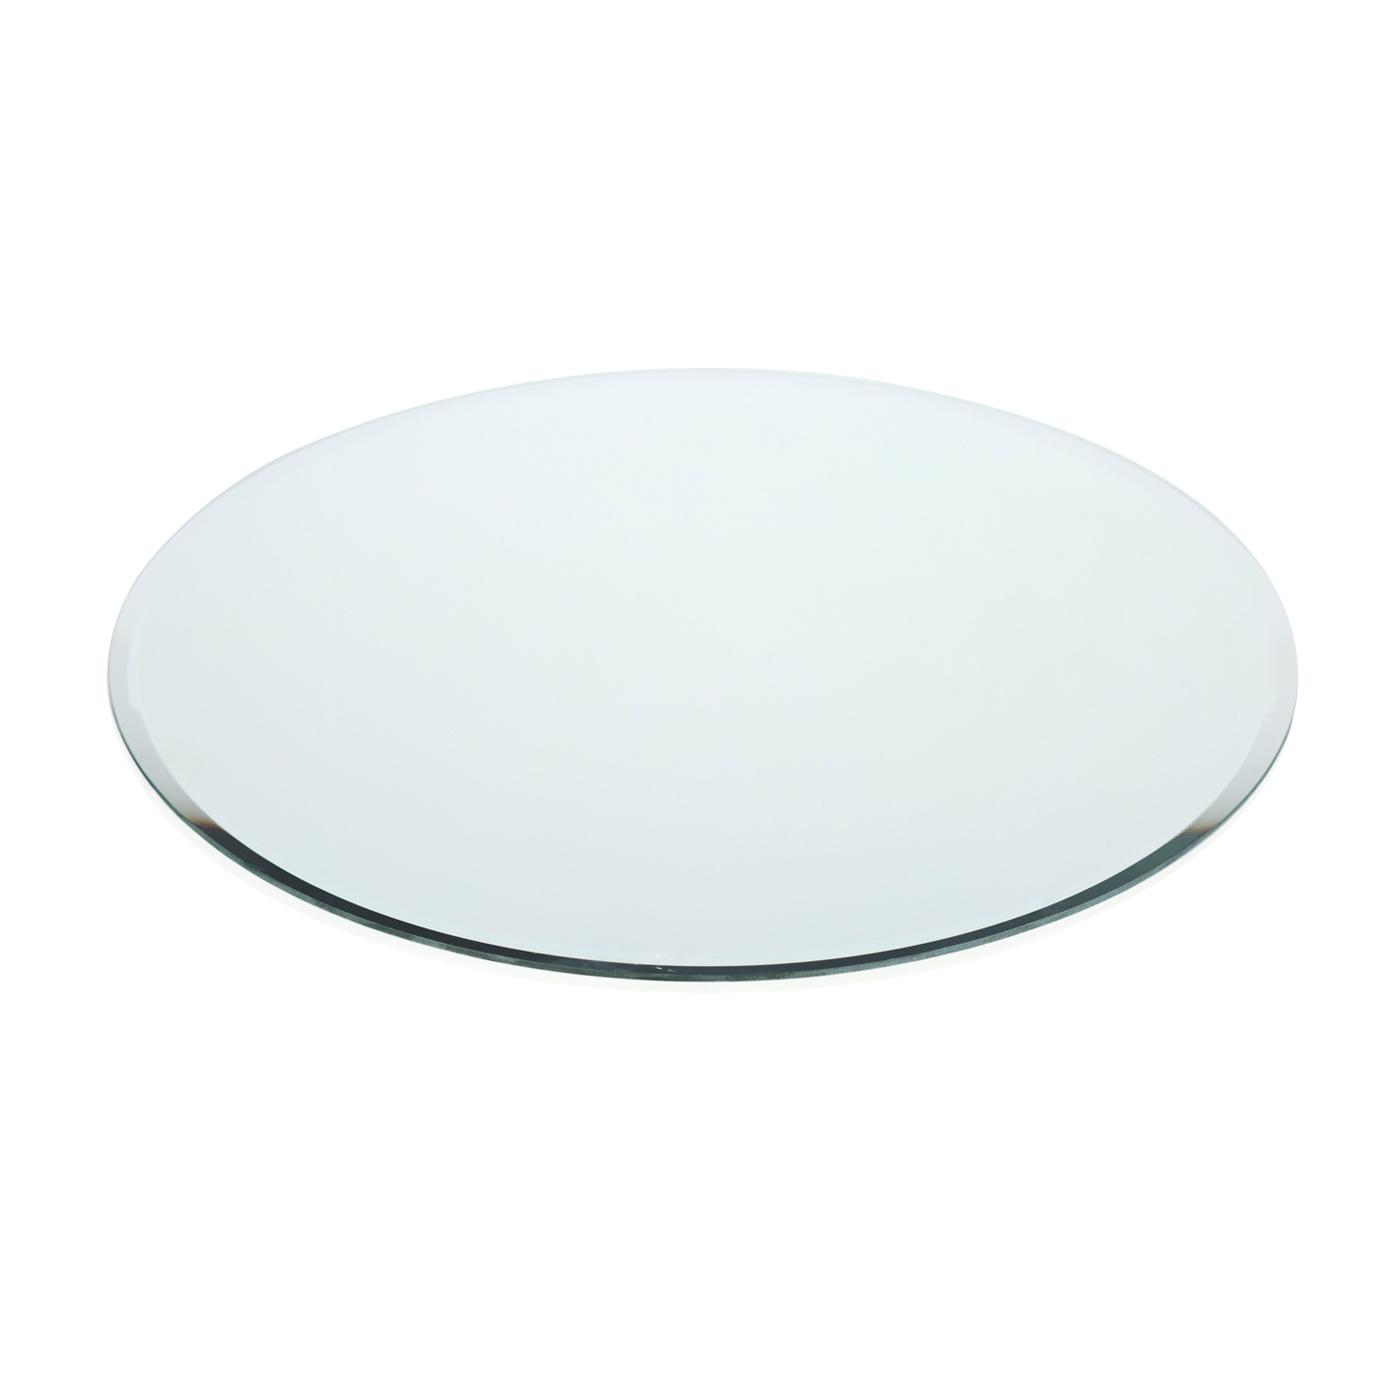 Купить Хранение продуктов Home Philosophy, Подставка Alpha Цвет: Зеркальный (круглая 35 см), Китай, Стекло